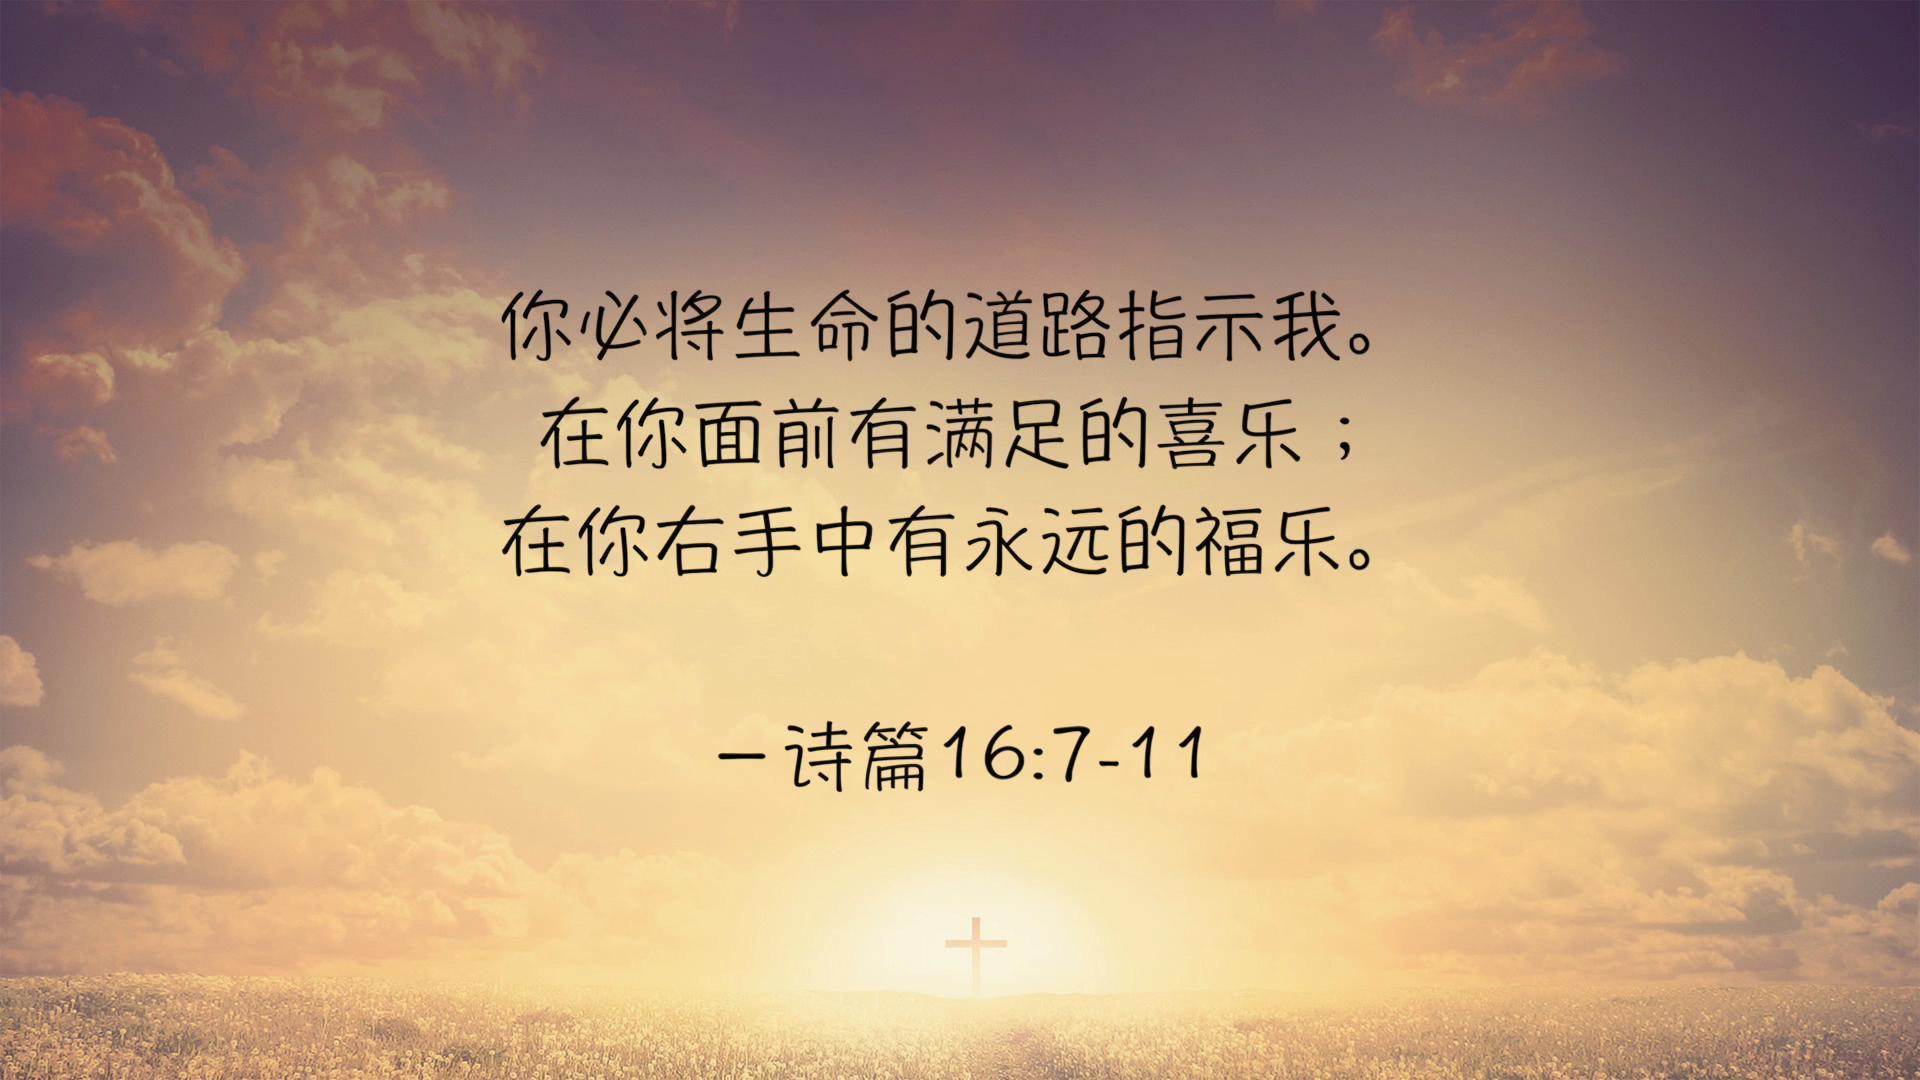 圣经三分钟 诗篇16续_20181218212553.JPG